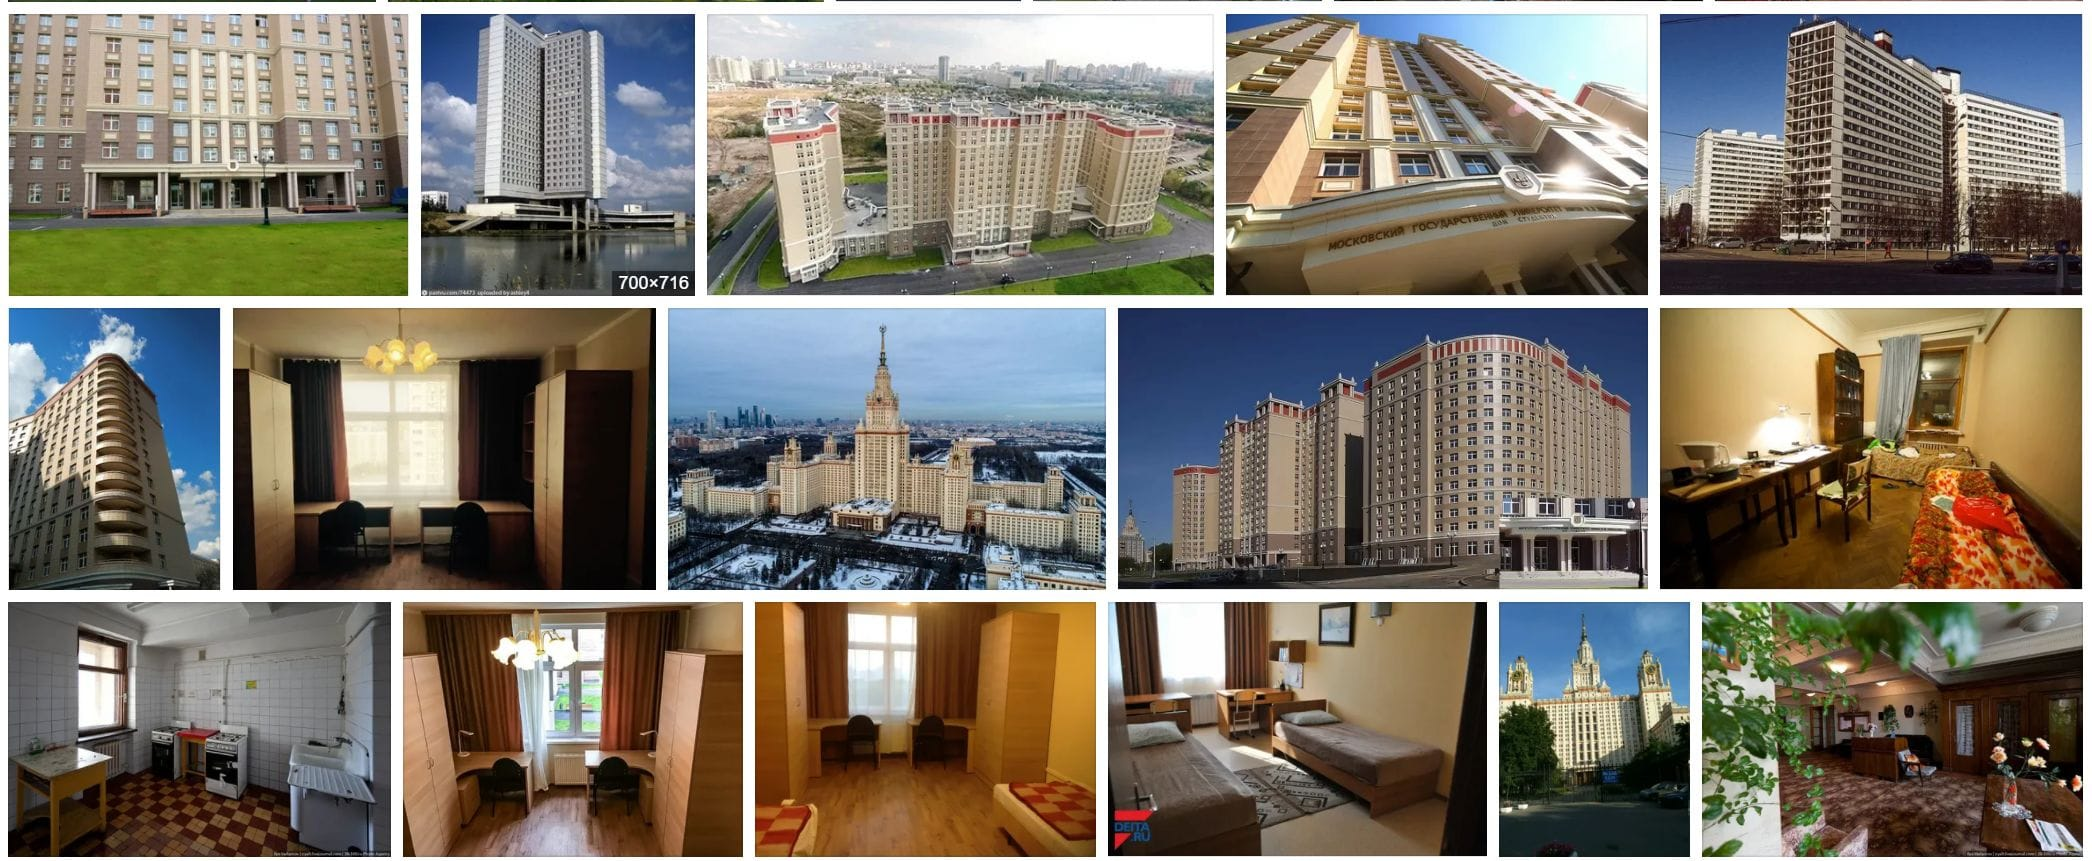 喀山联邦大学宿舍|俄罗斯大学介绍|俄罗斯大学|俄罗斯留学